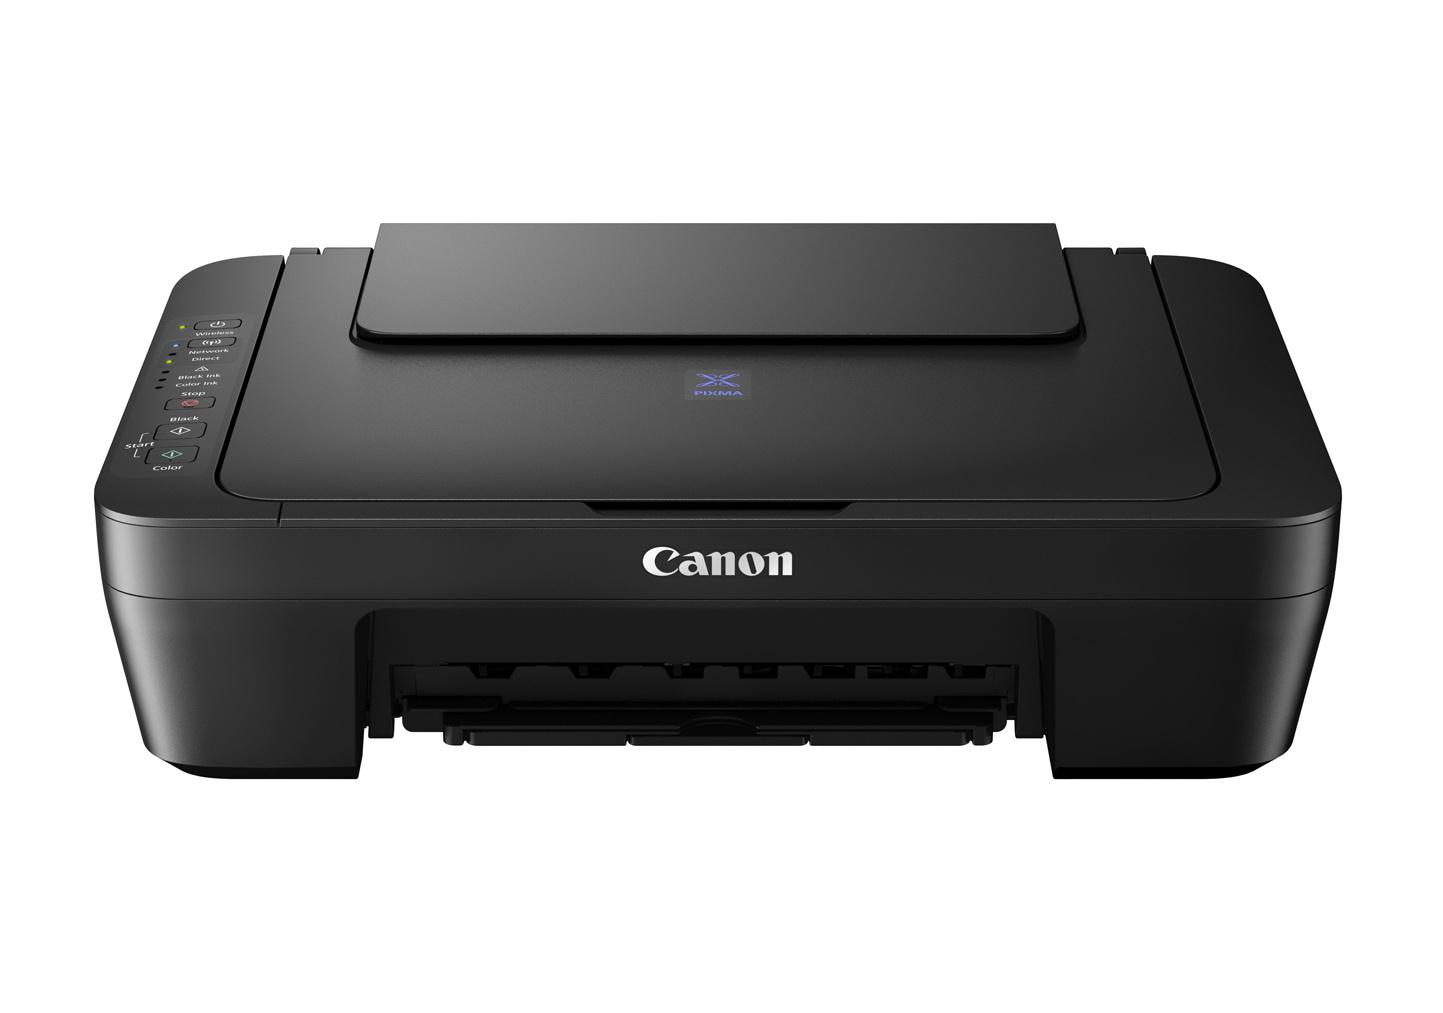 佳能推出全新多合一打印機PIXMA E470及專業簡報器PR500-R